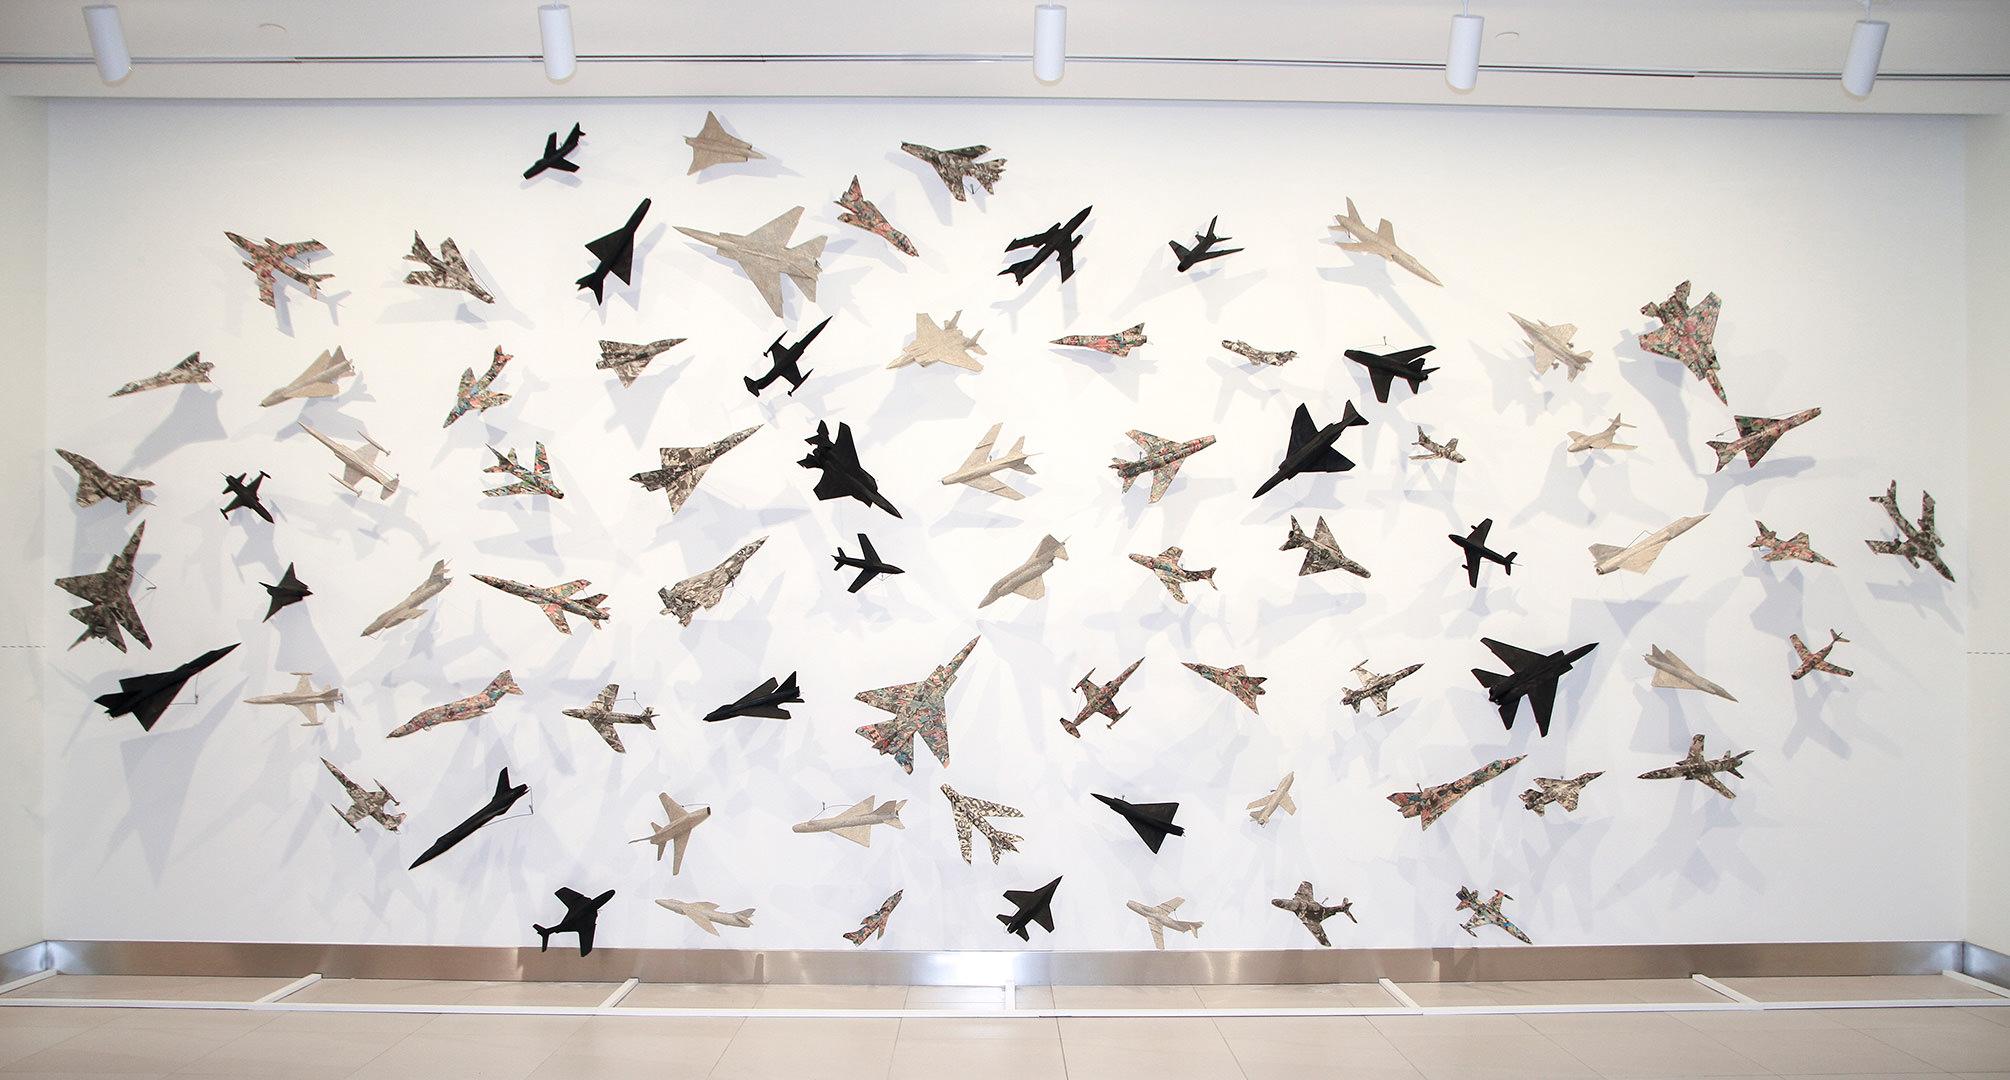 76 Airplanes (1985) Robert Adrian (1935 - 2015) Installation: collage sur avions modelés Collection : Banque d'art du Conseil des arts du Canada